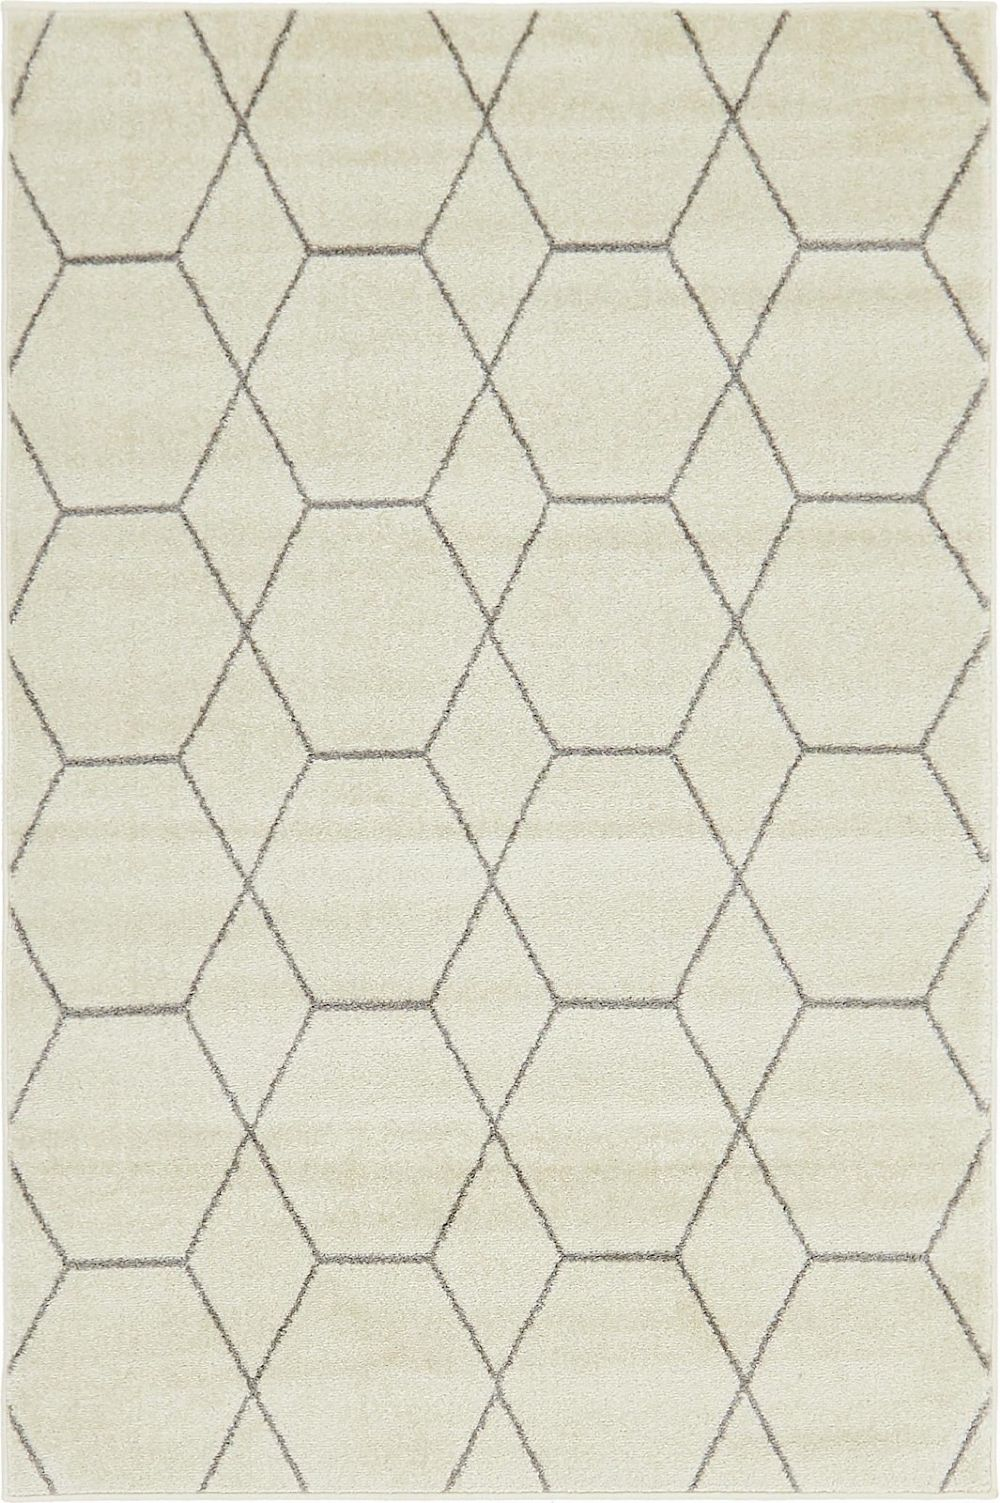 tellaro contemporary area rug collection